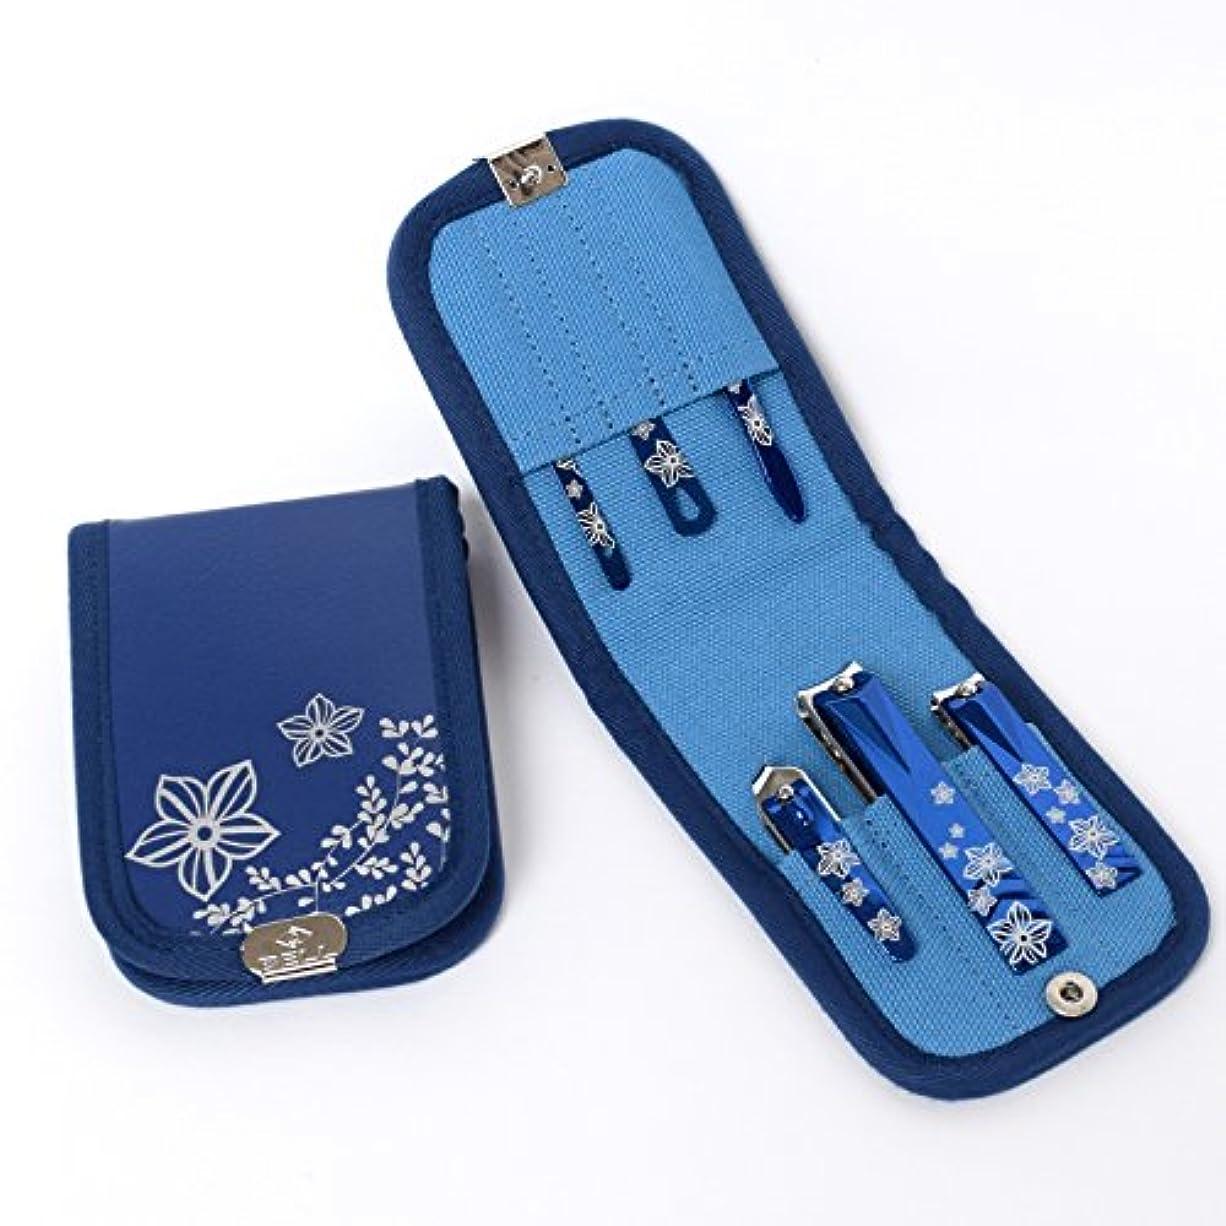 札入れアーク救急車BELL Manicure Sets BM-360 ポータブル爪の管理セット 爪切りセット 高品質のネイルケアセット高級感のある東洋画のデザイン Portable Nail Clippers Nail Care Set